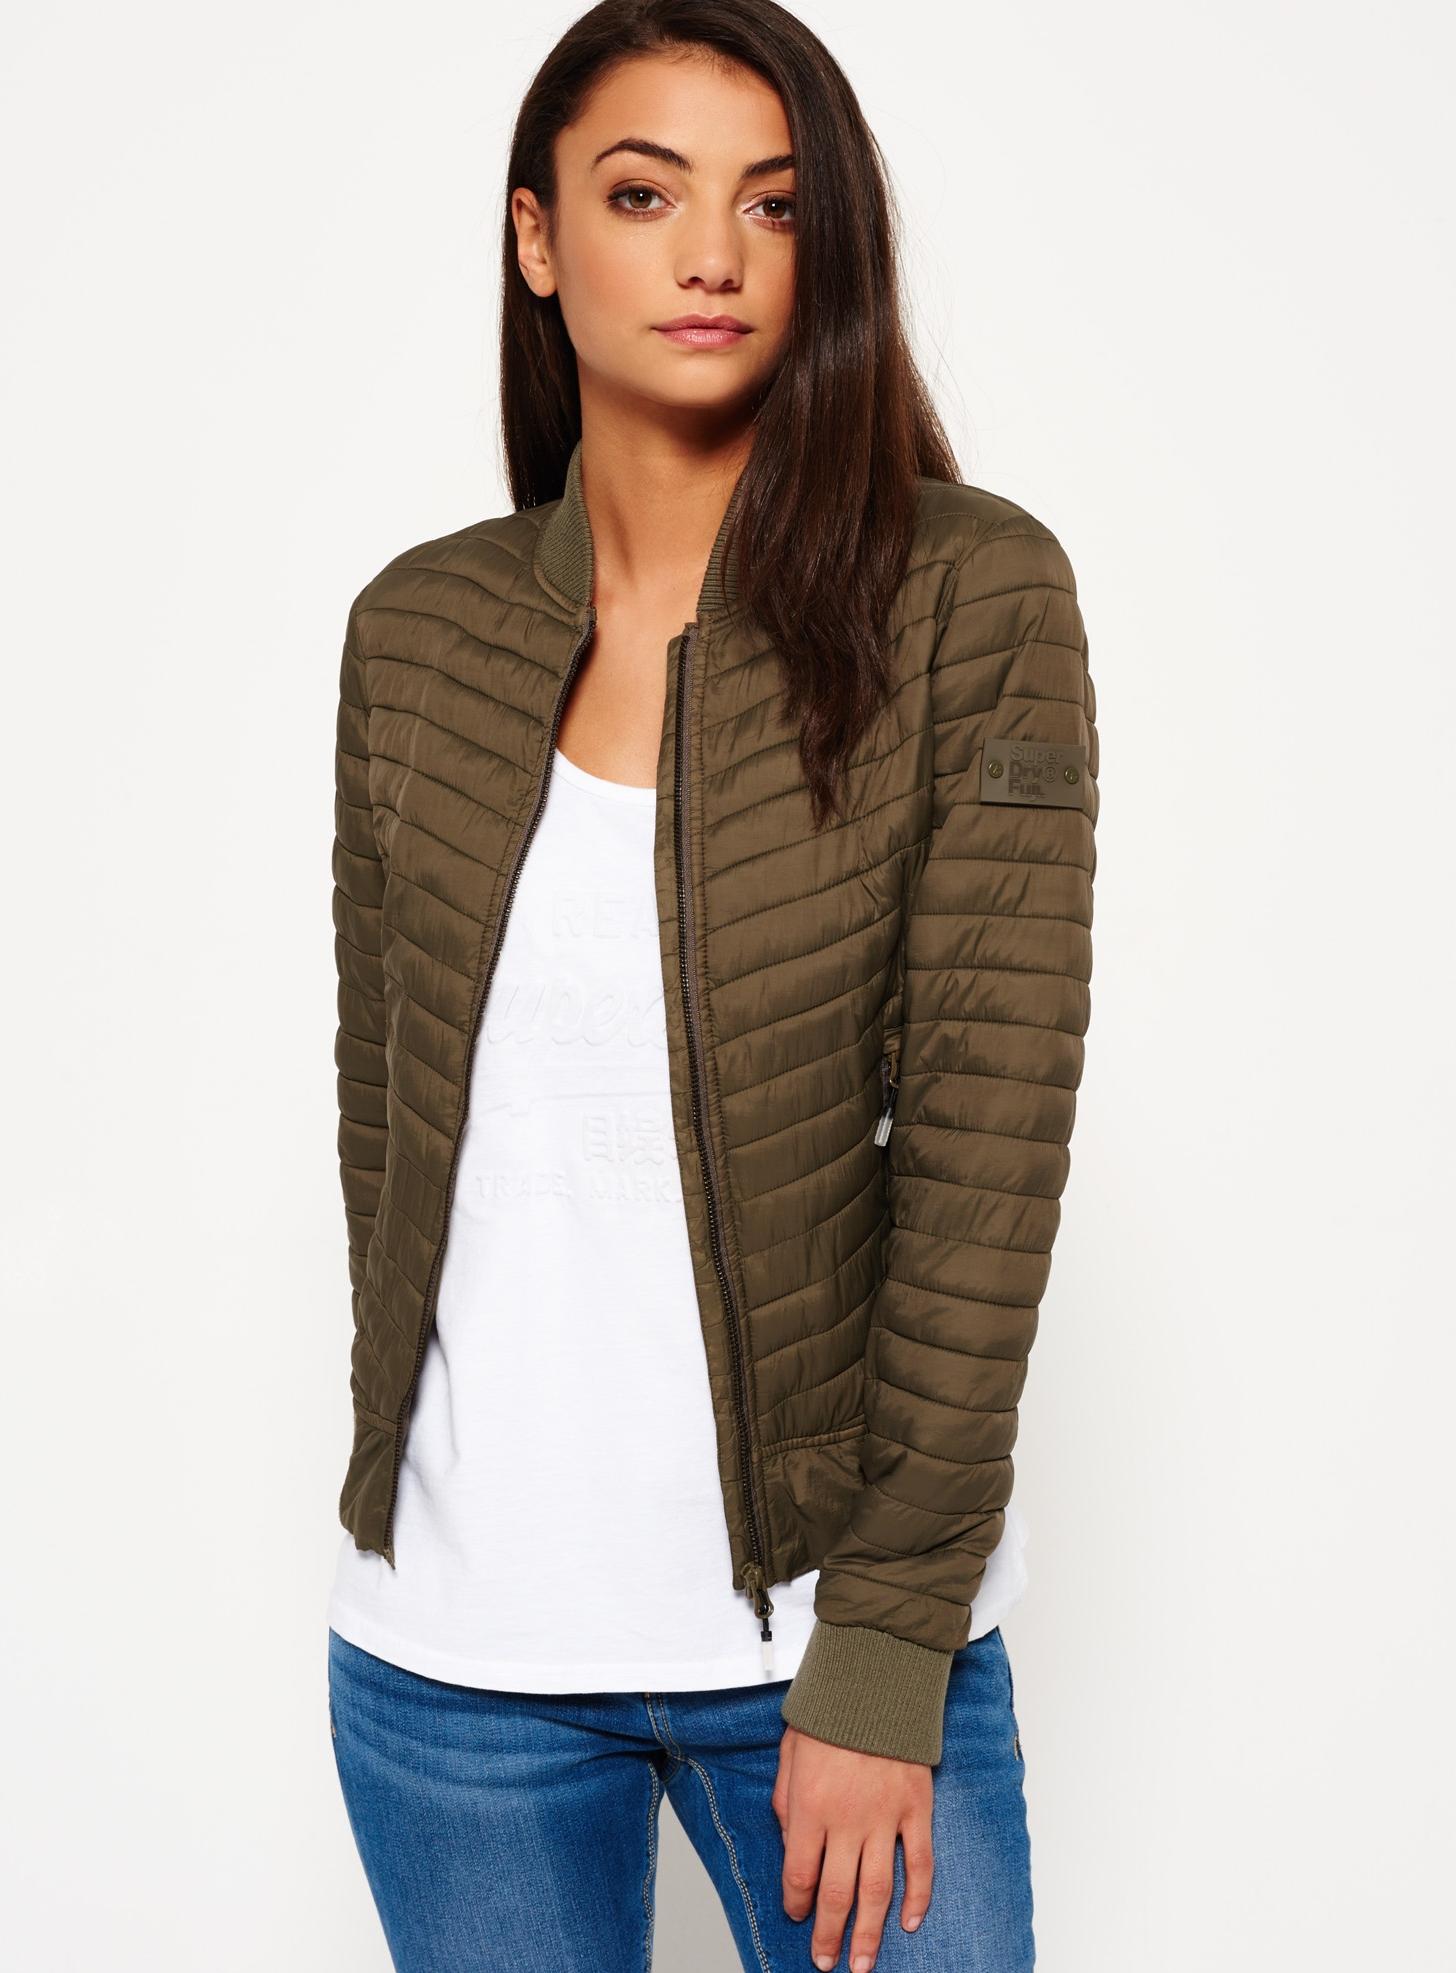 Superdry vintage fuji bomber jacket $169.95